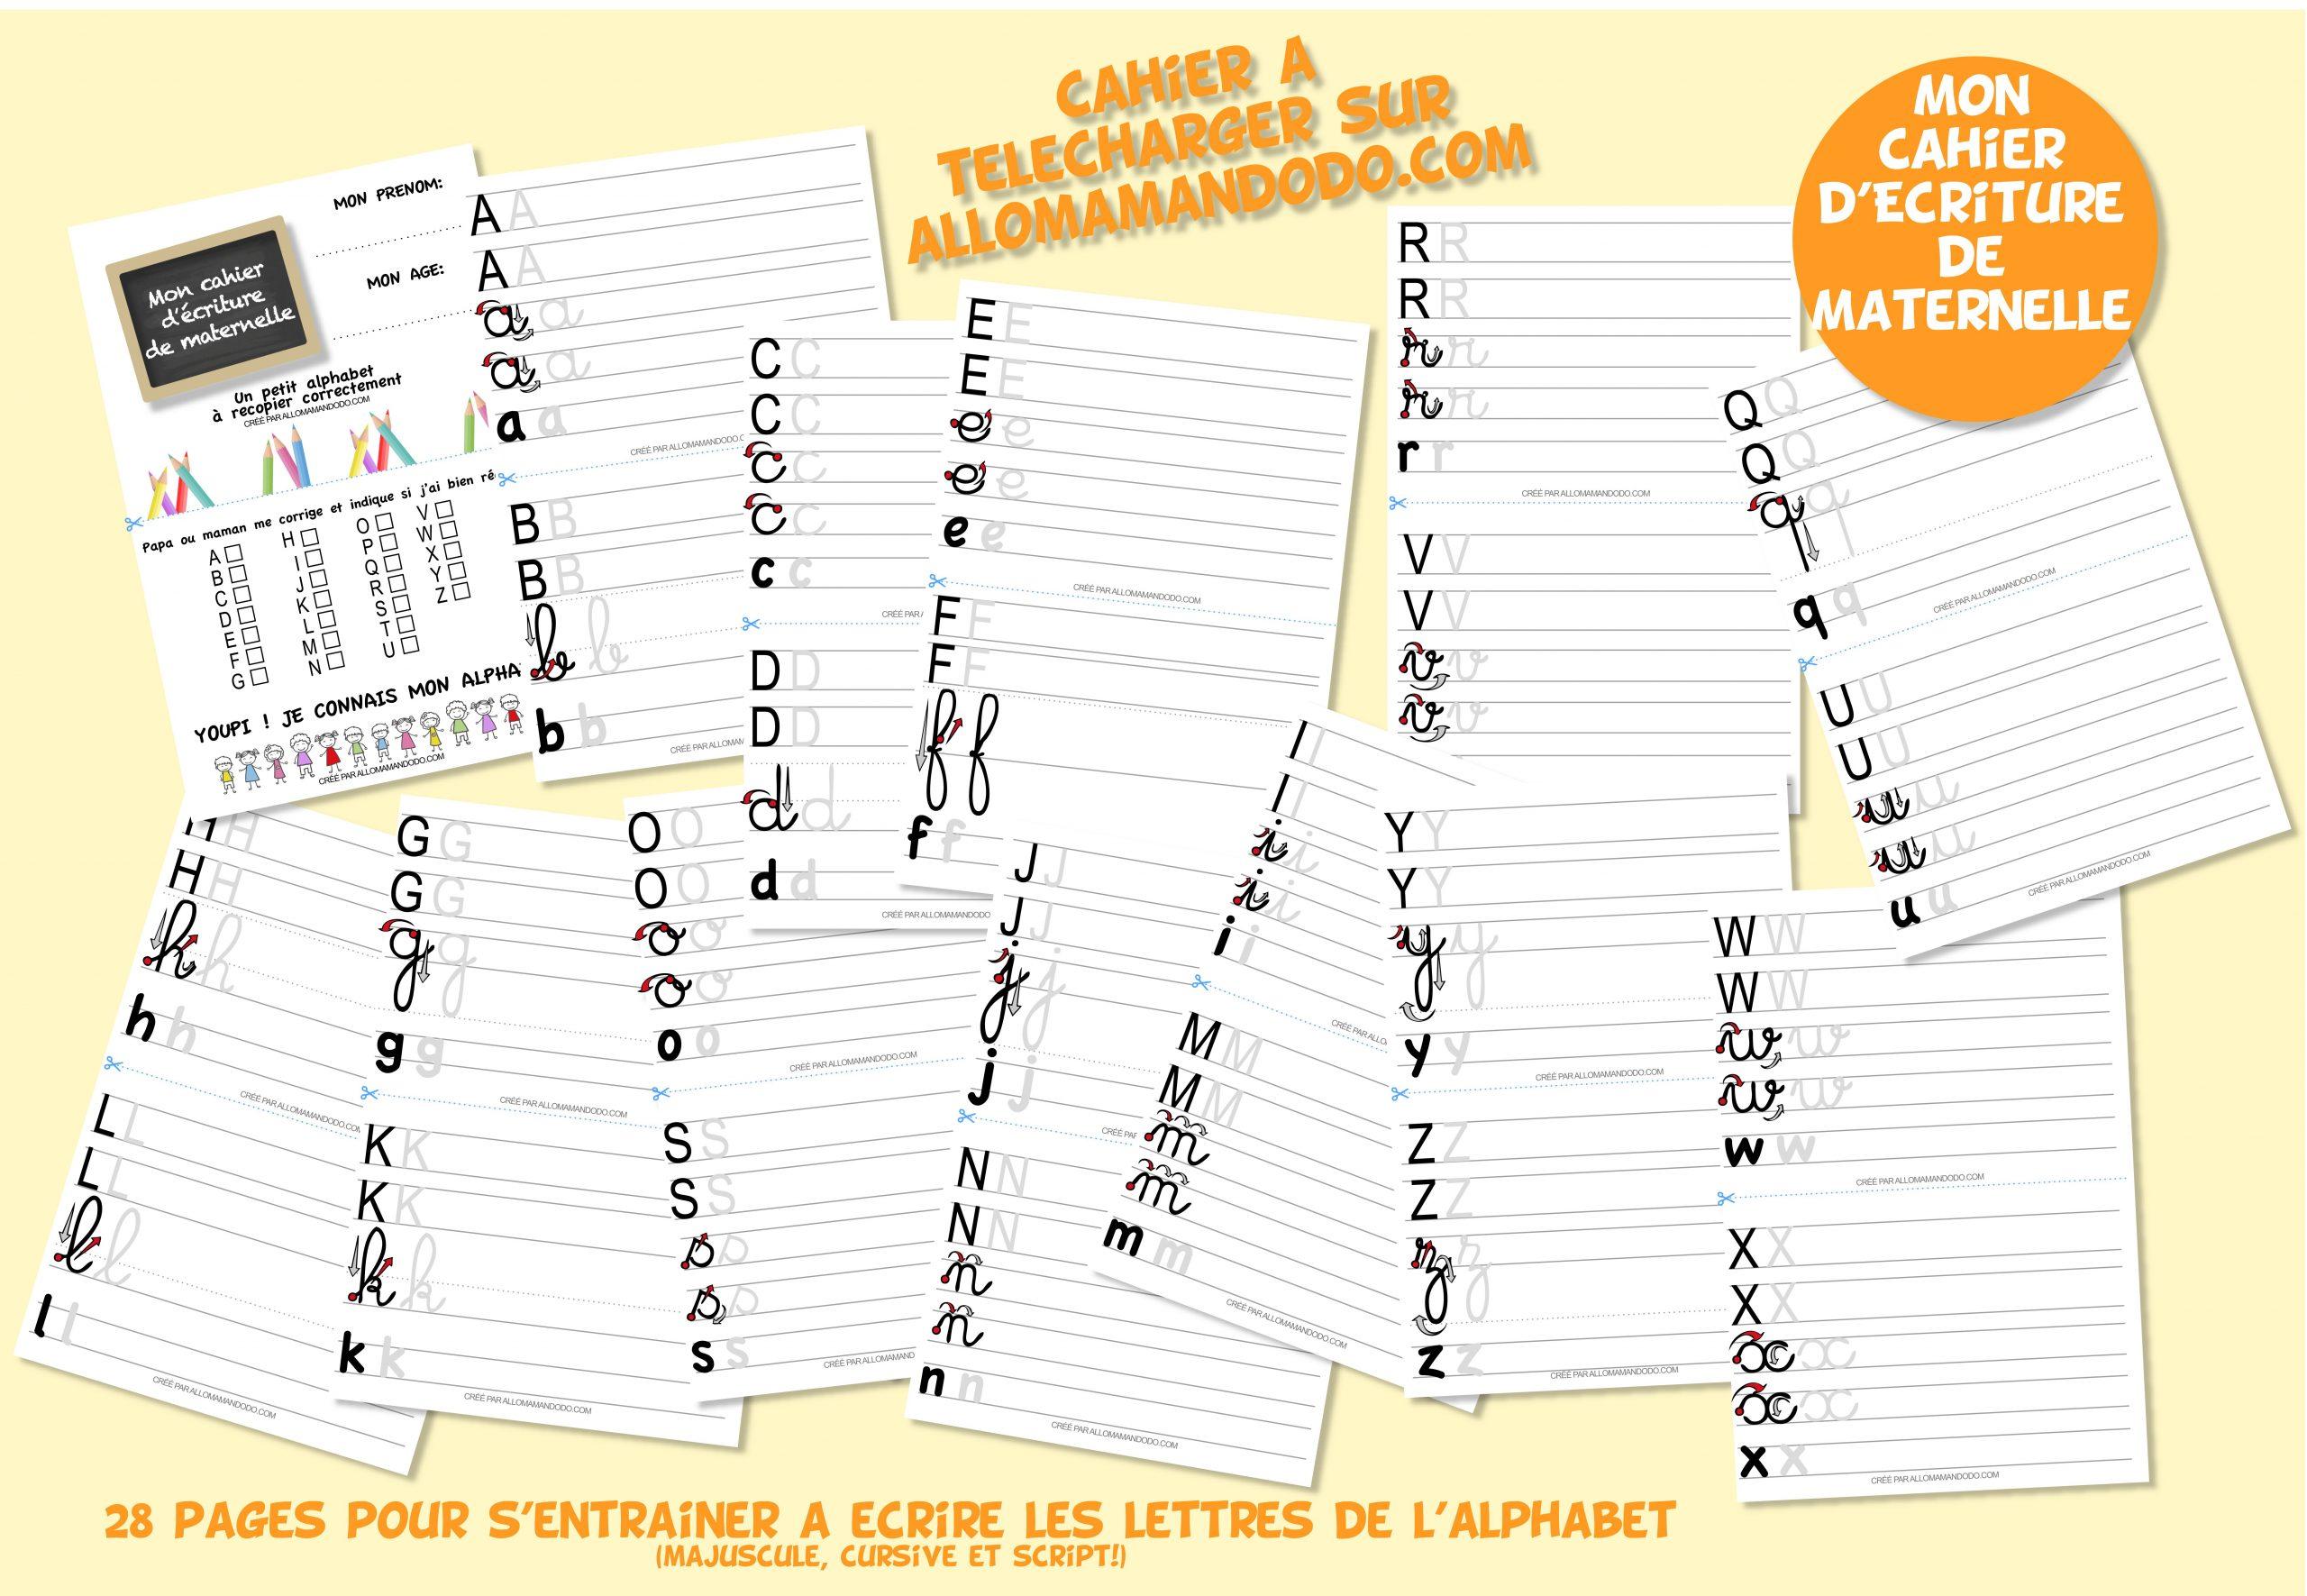 Le Cahier D'écriture De Maternelle À Télécharger ( Gratuit dedans Exercice Grande Section Maternelle Gratuit A Imprimer